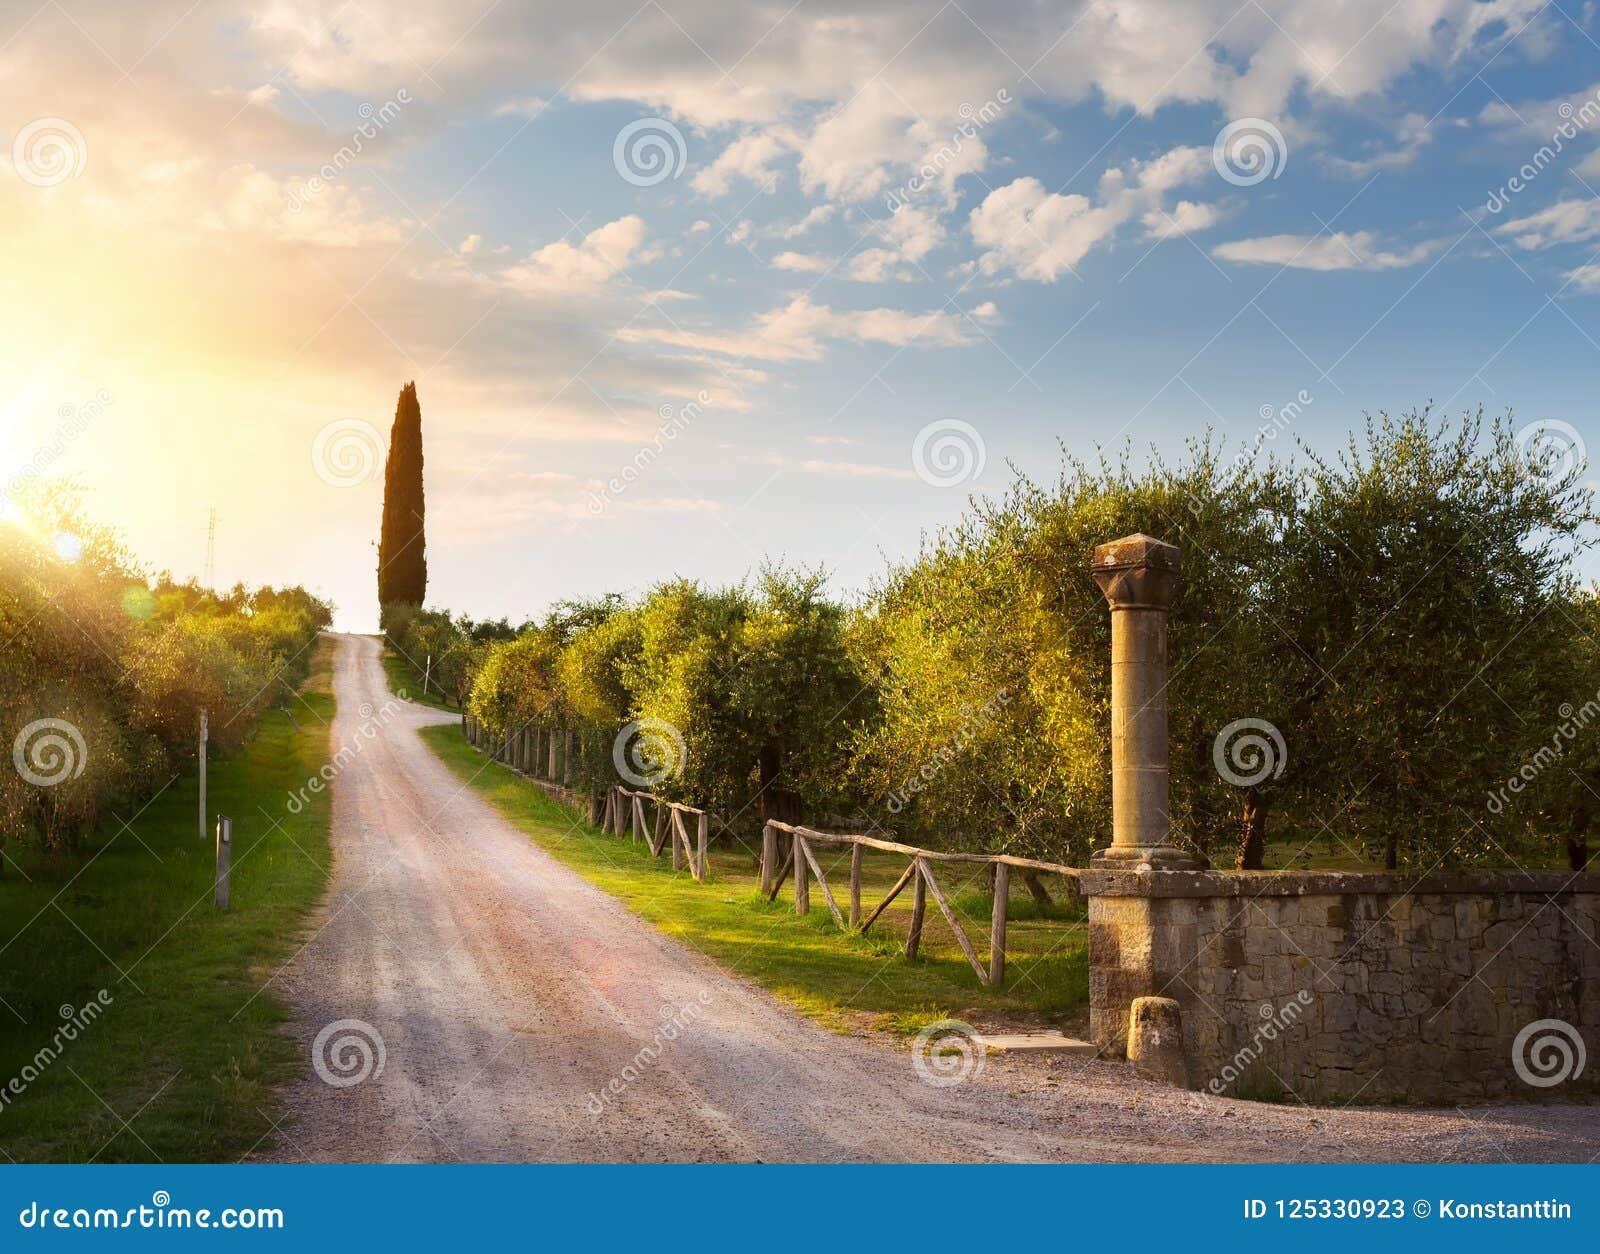 Włochy wsi krajobraz z wiejską drogą i starym oliwnym orch